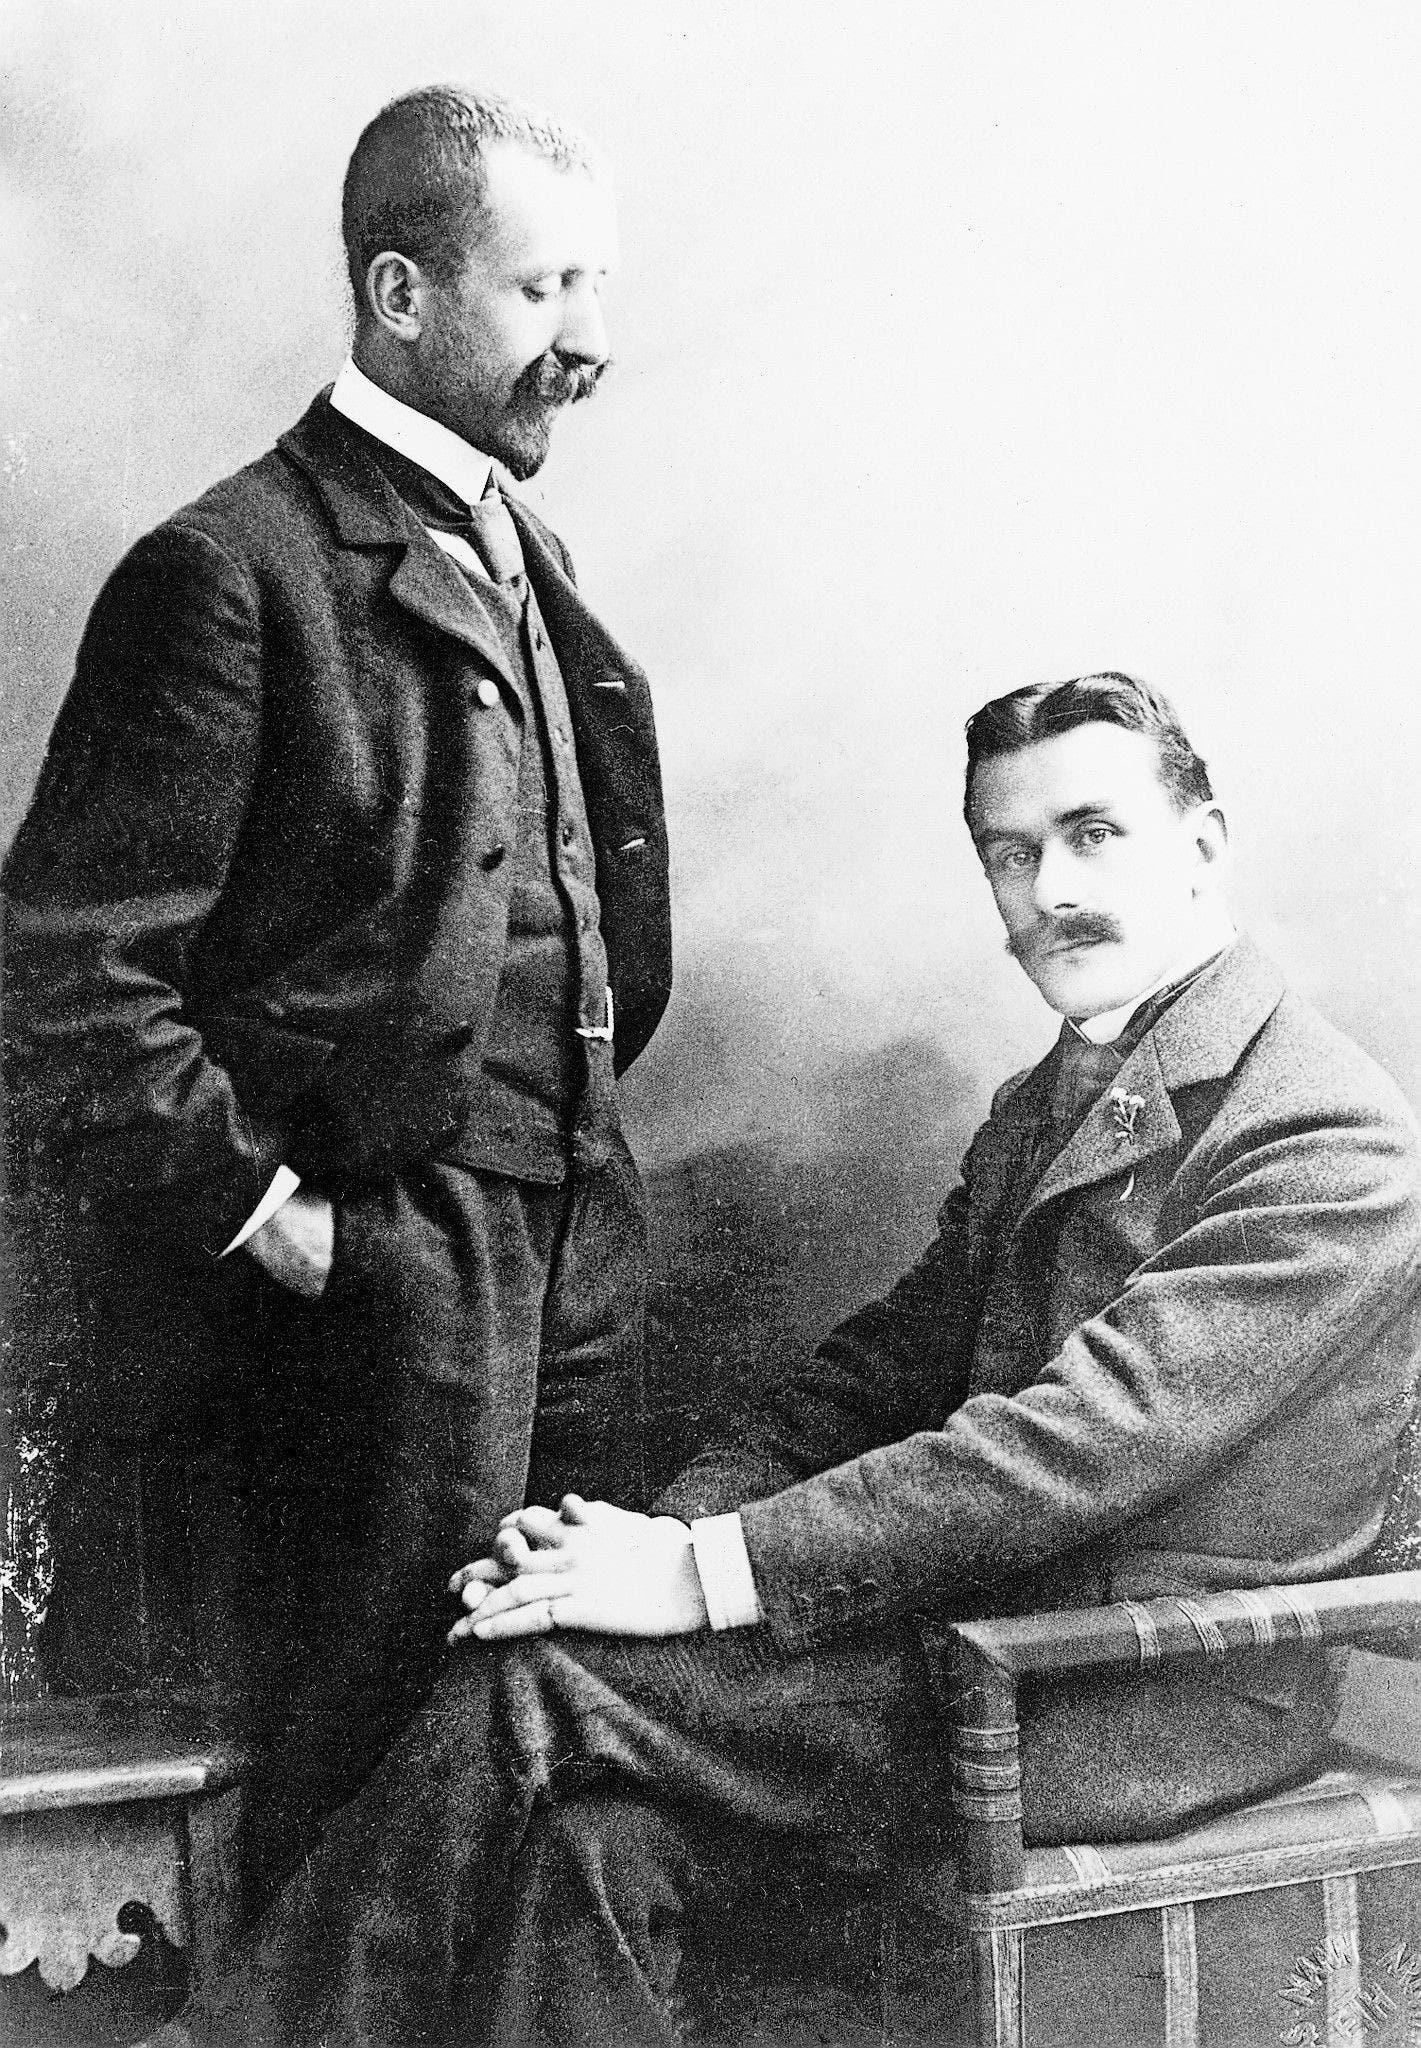 Als Brüder Rivalen: Heinrich Mann (stehend) mit seinem Bruder Thomas, um 1905.